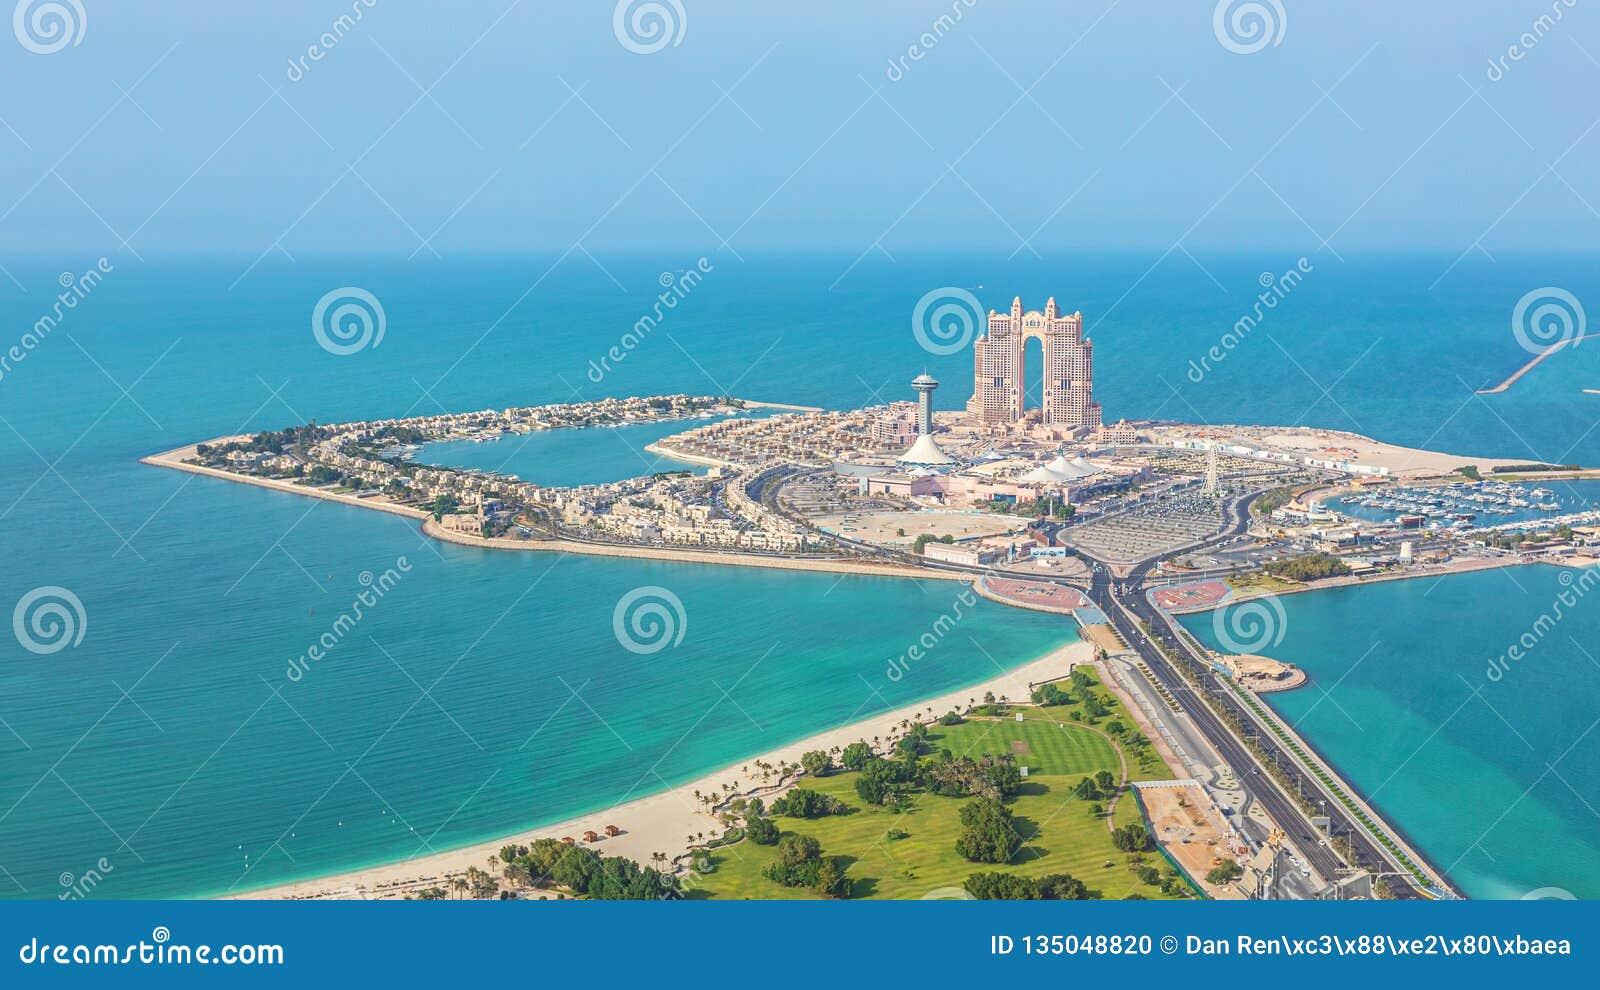 Satellietbeeld van Marina Mall en Jachthaveneiland in Abu Dhabi, de V.A.E - panorama van het winkelen district